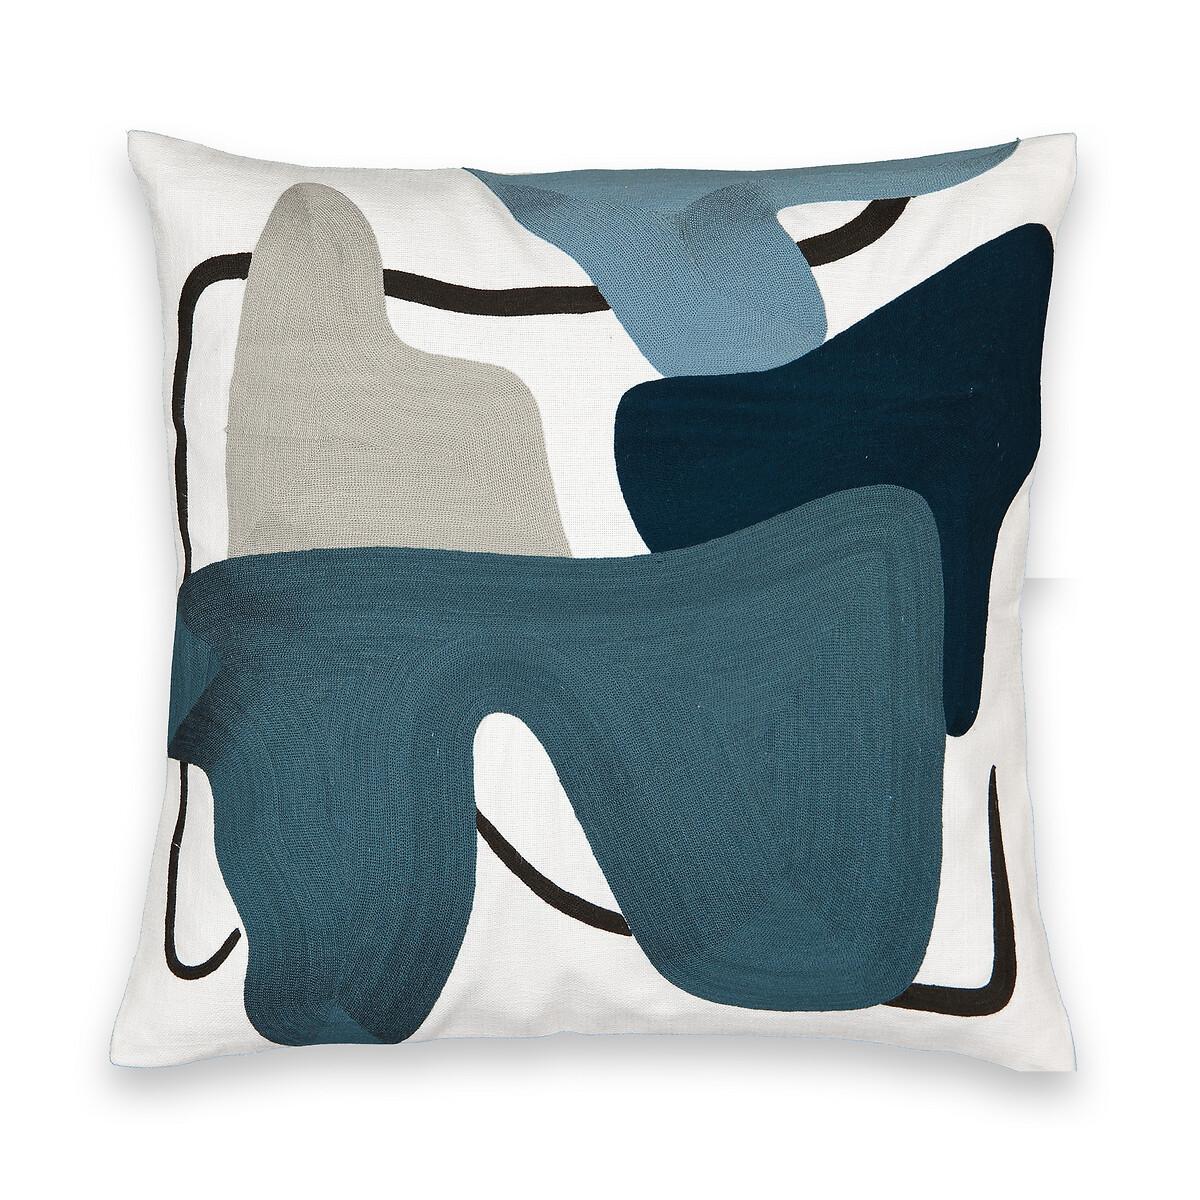 Фото - Чехол LaRedoute На подушку с вышивкой Annya 45 x 45 см белый чехол laredoute на подушку валик с отделкой бисером volodia 45 x 45 см зеленый